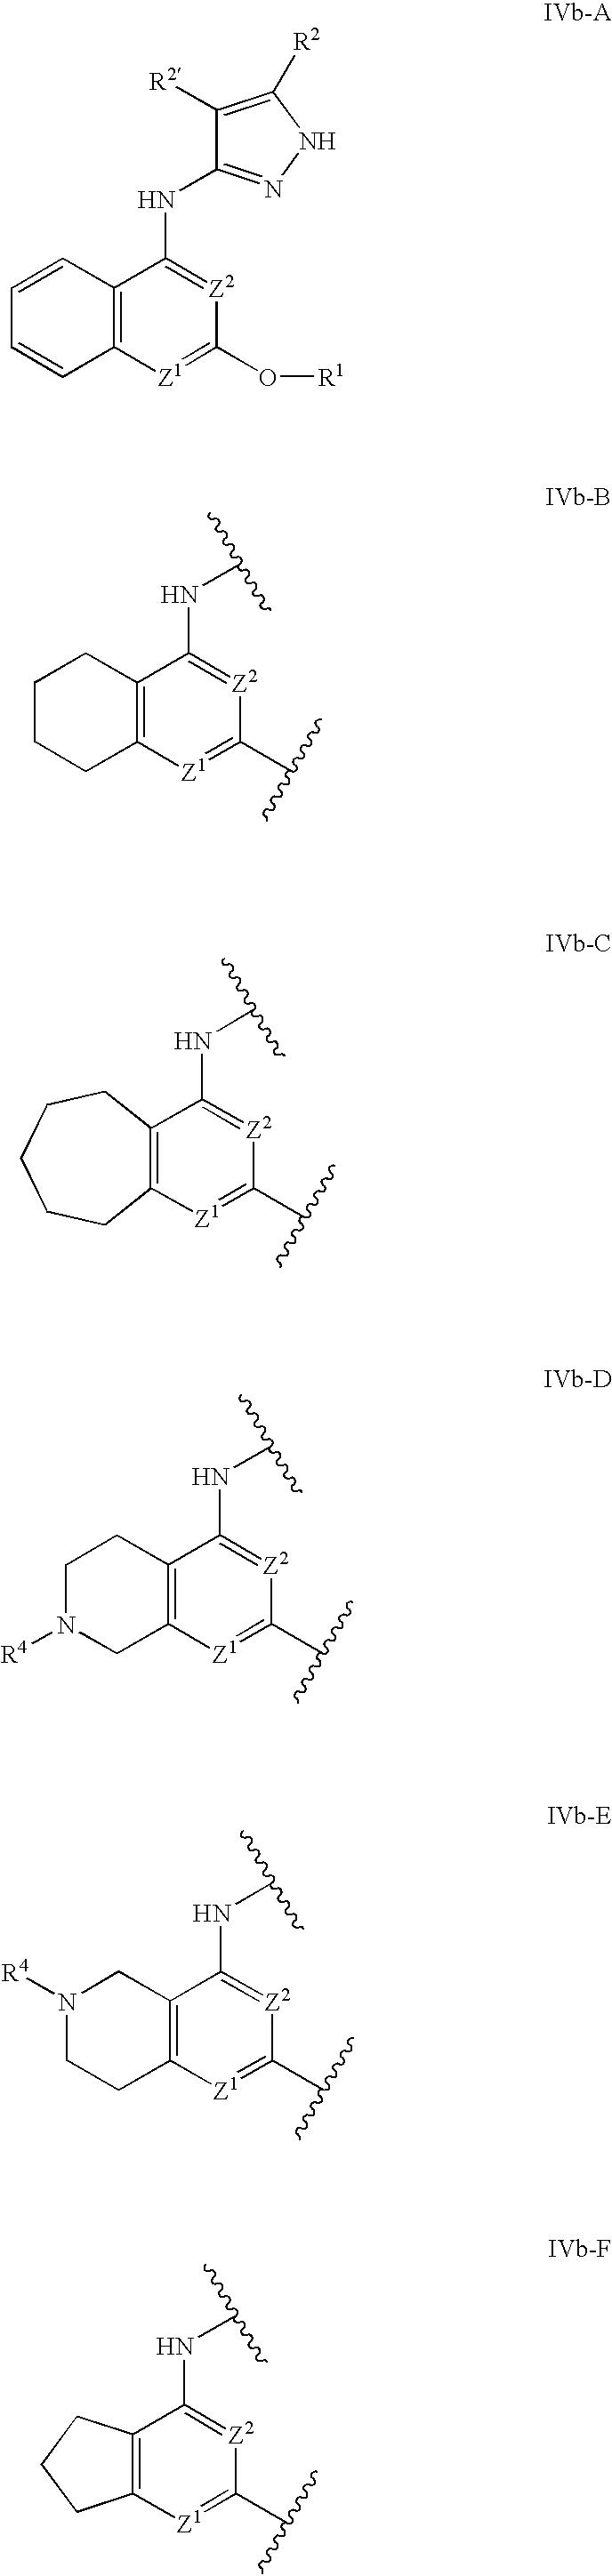 Figure US07531536-20090512-C00402